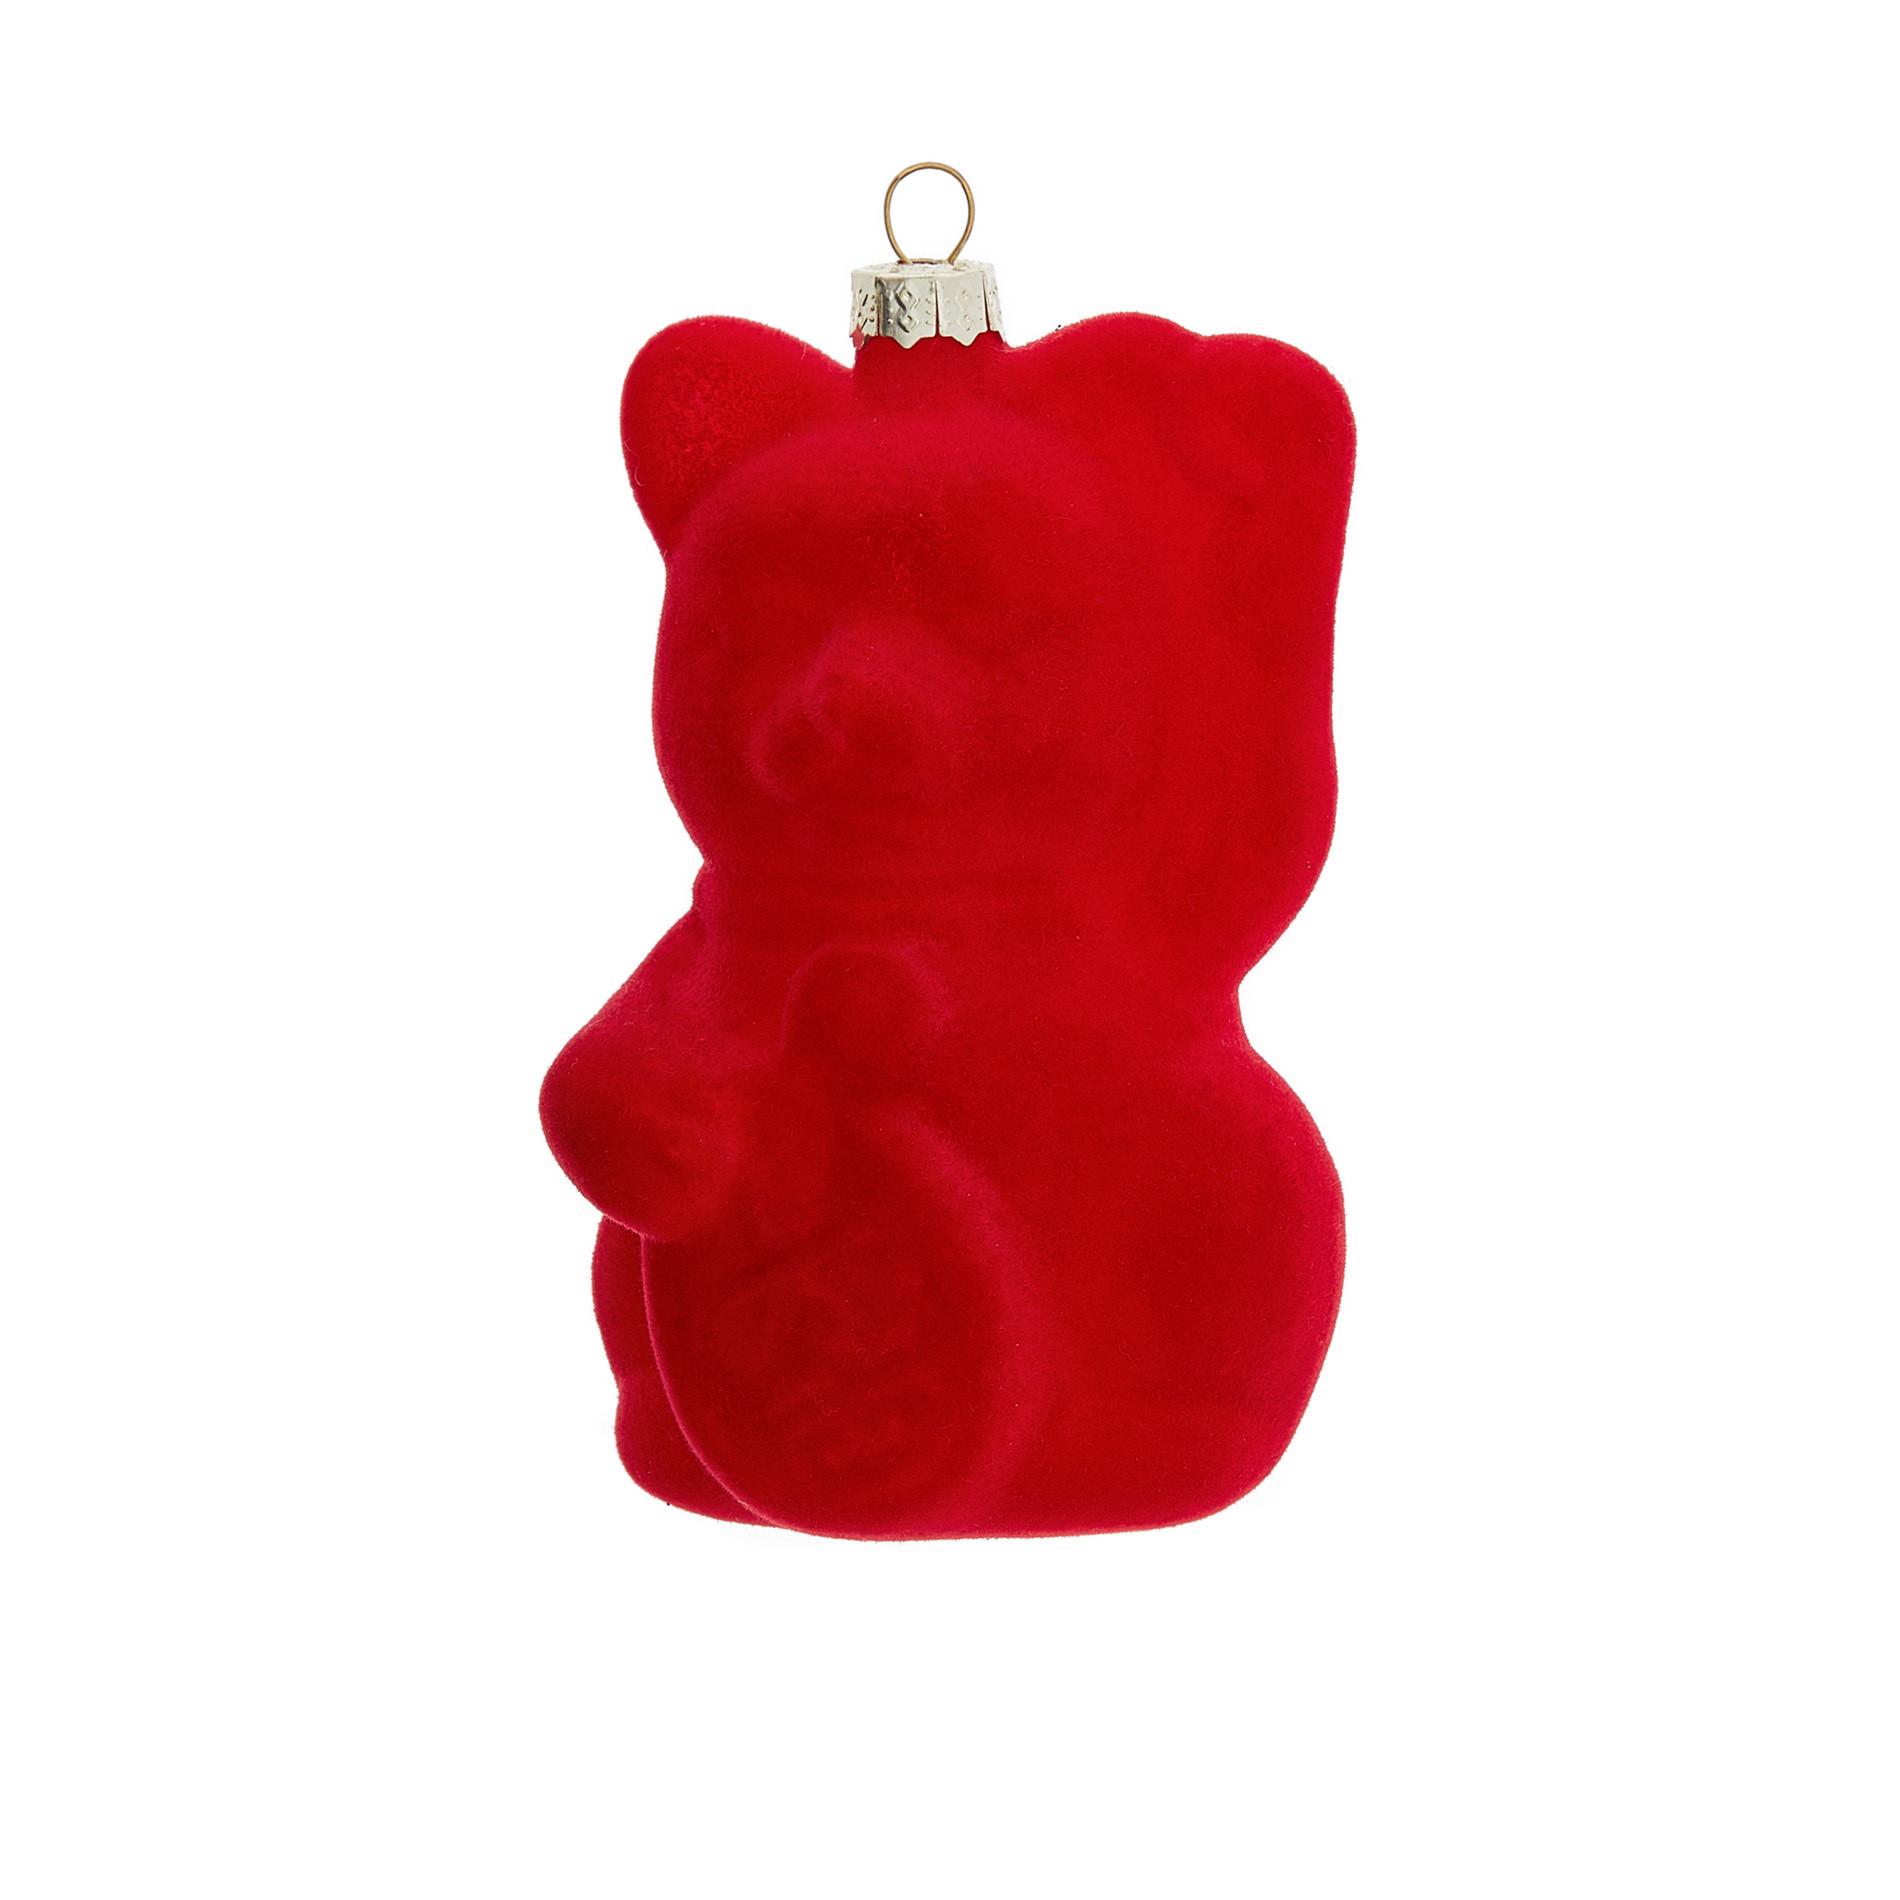 Addobbo gatto decorato a mano, Rosso, large image number 0